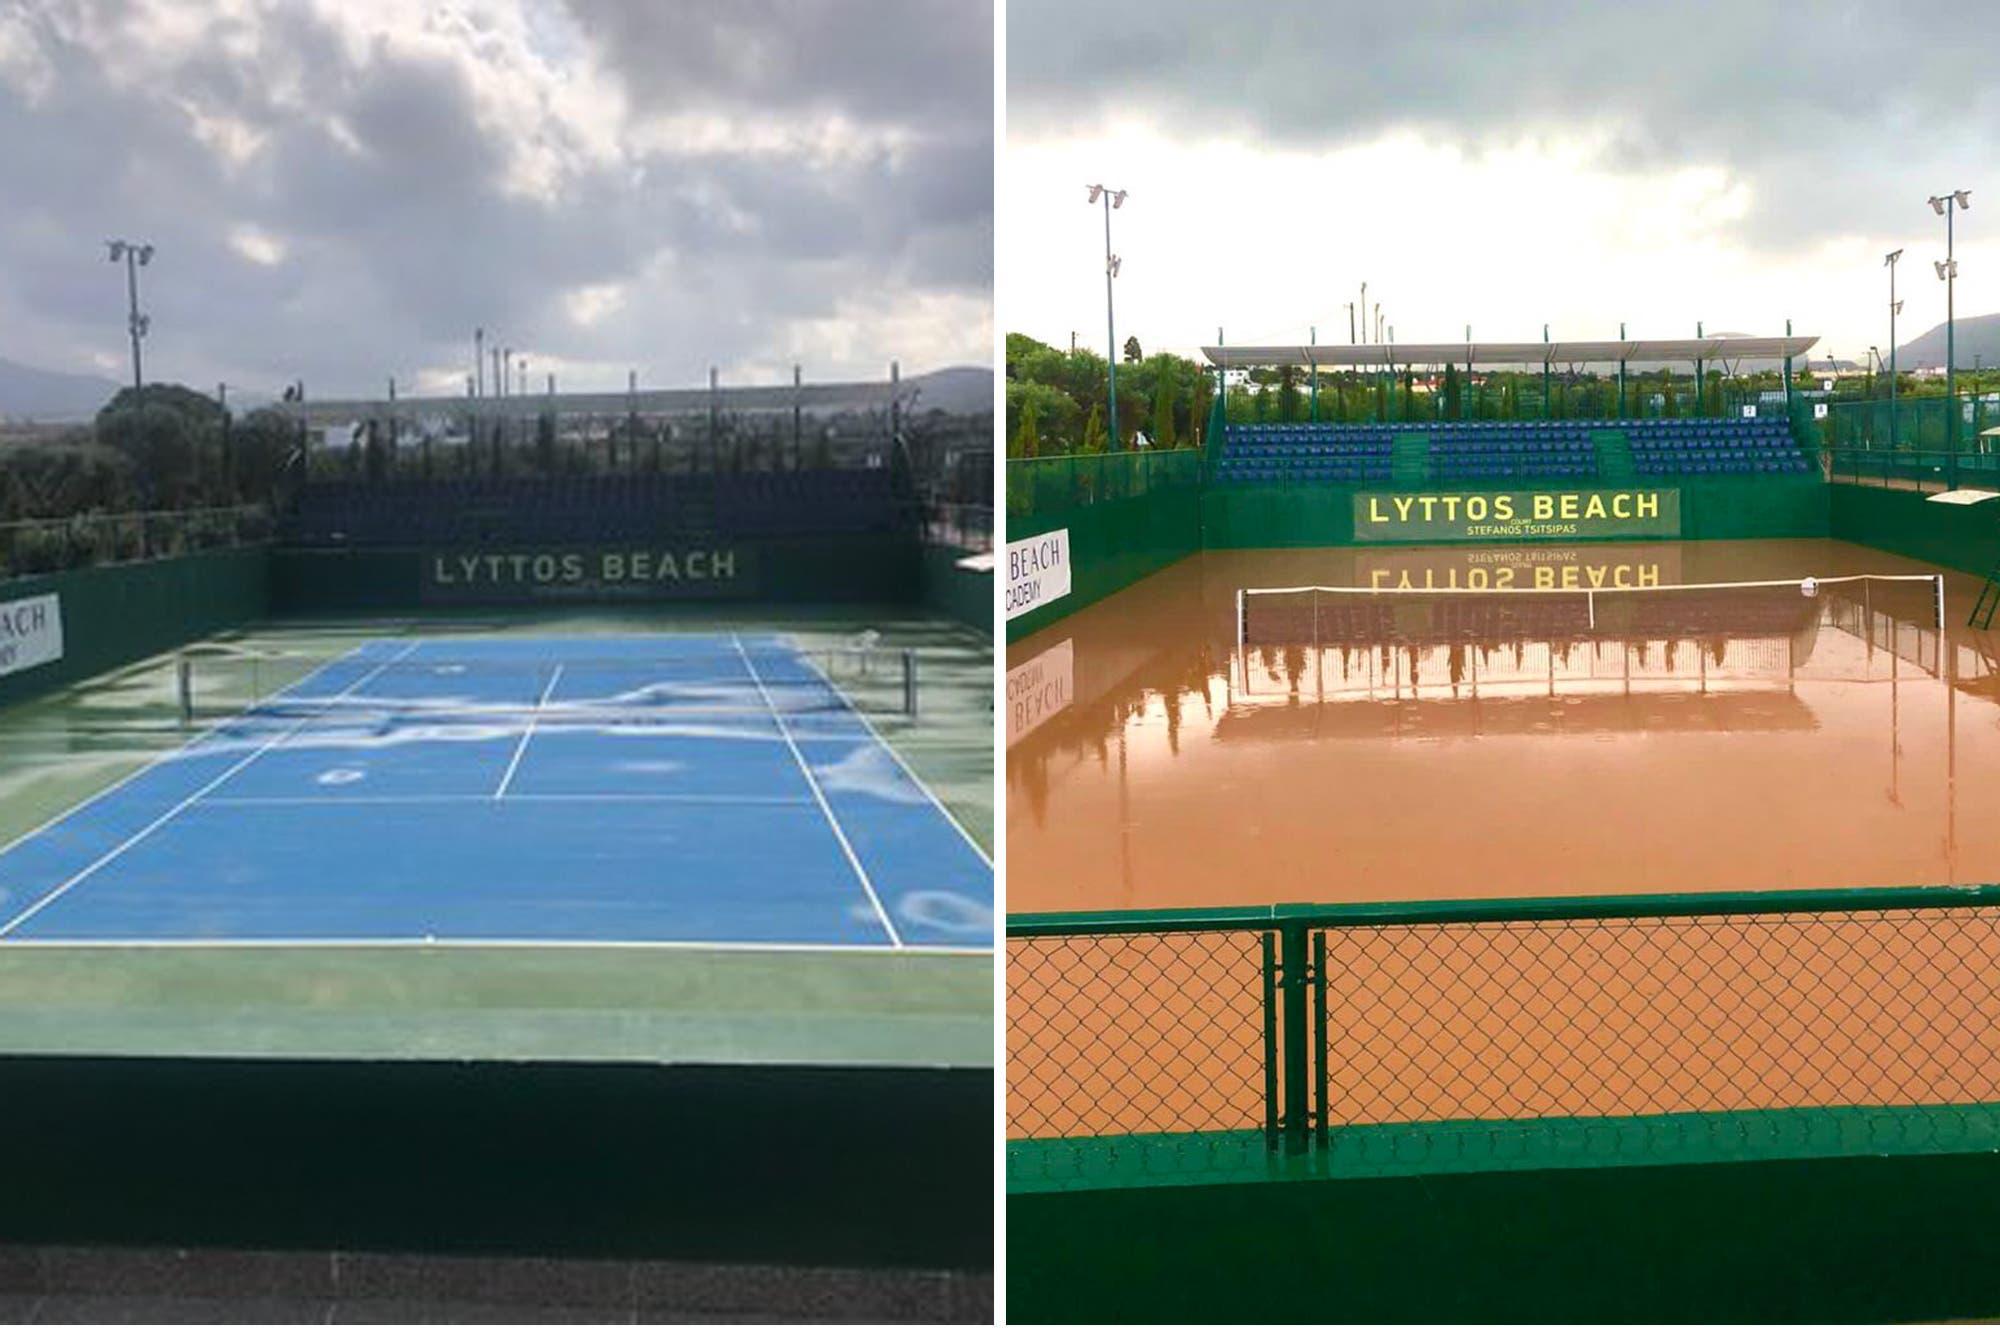 Tenis bajo el agua en Creta: fuertes lluvias, daños y un torneo con argentinos que estuvo cerca de cancelarse